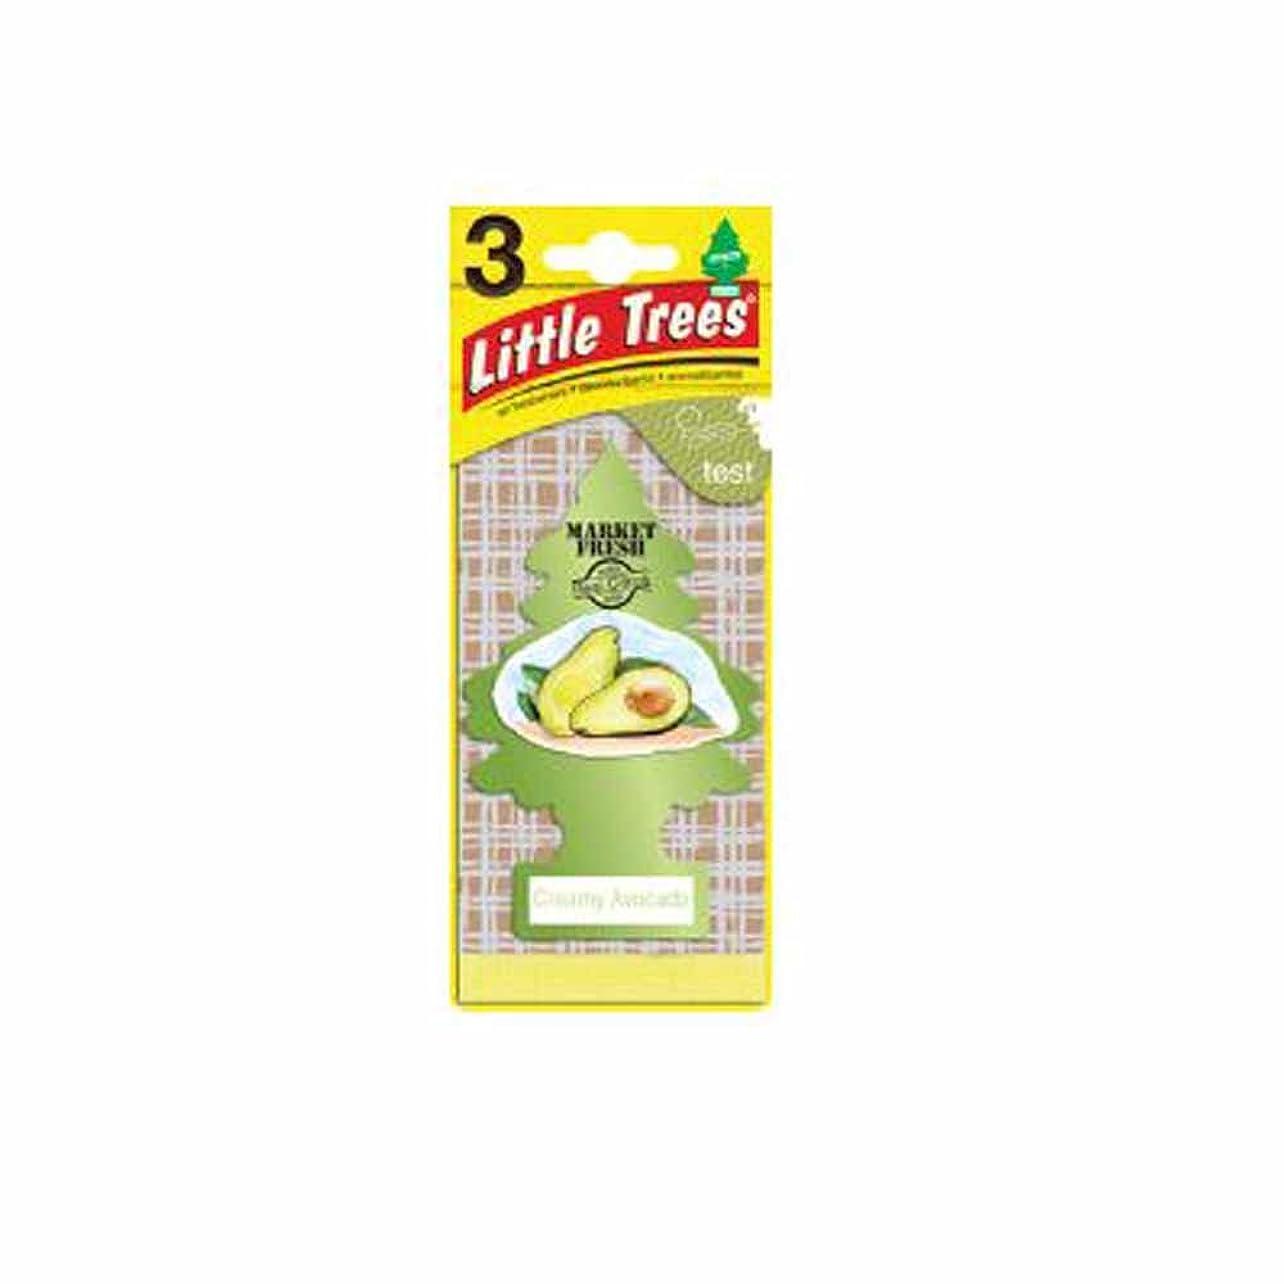 踊り子デコードする冷蔵庫Little Trees 吊下げタイプ エアーフレッシュナー creamy avocado(クリーミーアボカド) 3枚セット(3P) U3S-37340